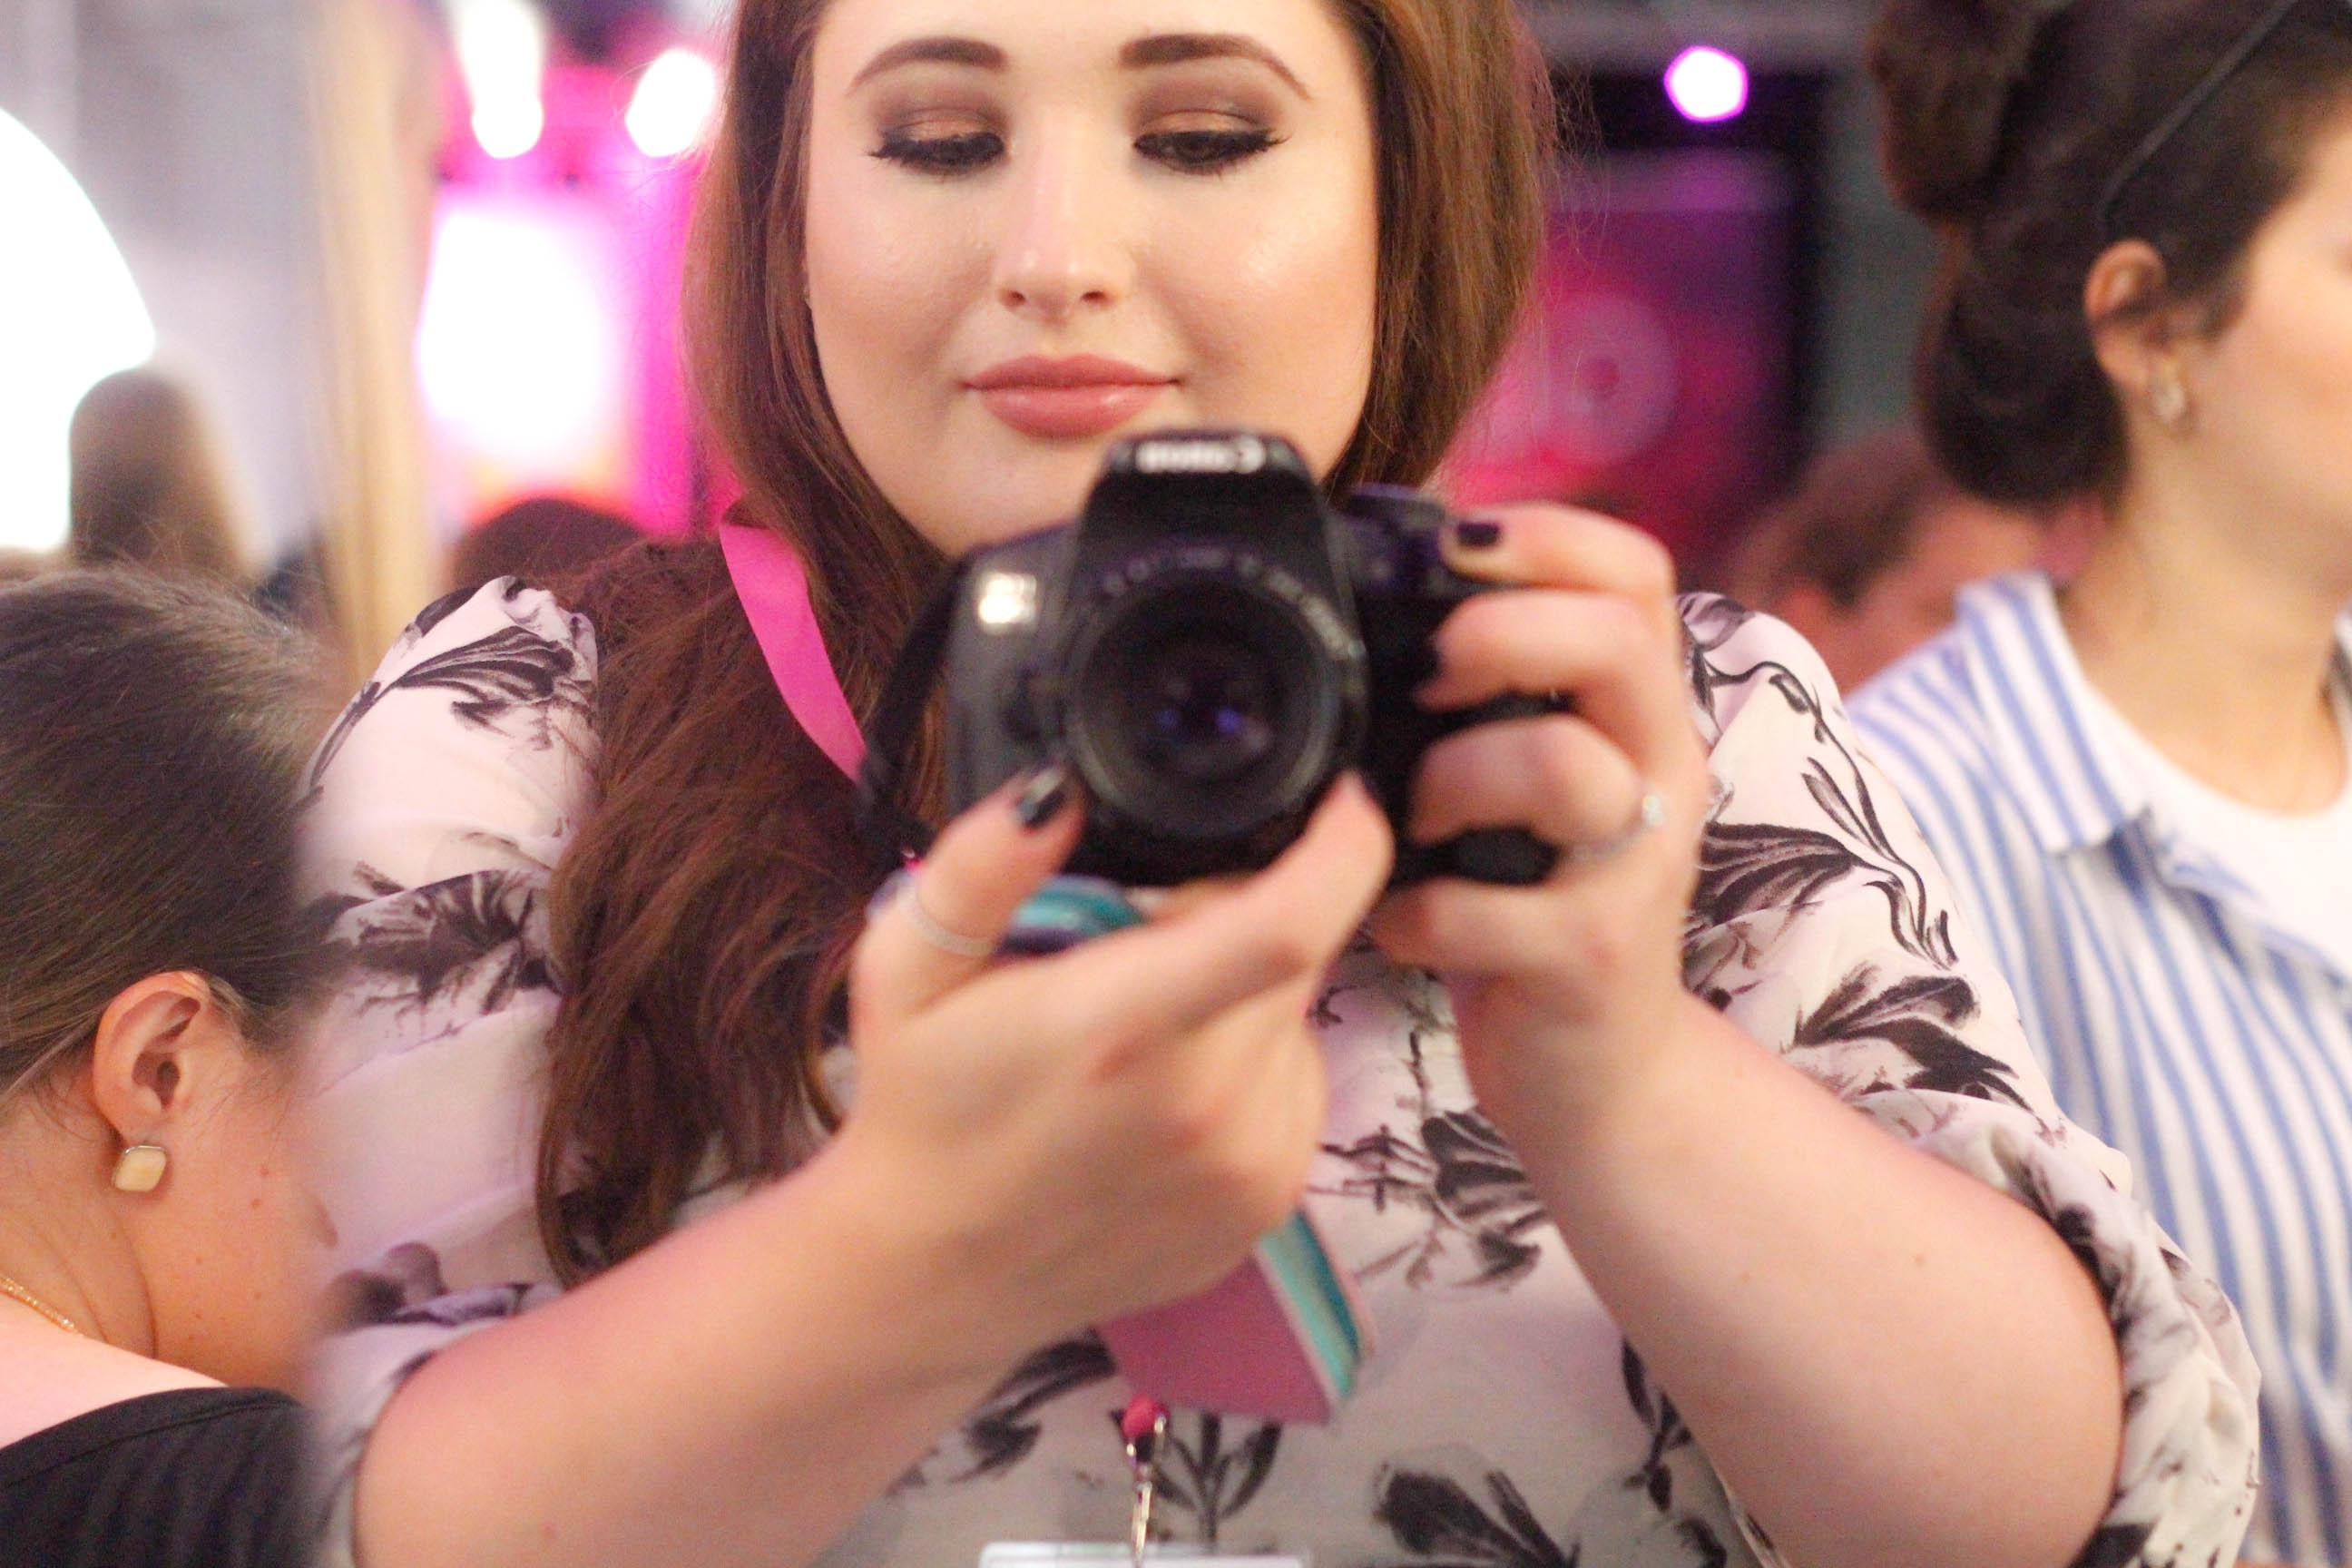 Plus Size Model macht ein Selfie im Spiegel mit einer Canon Kamera